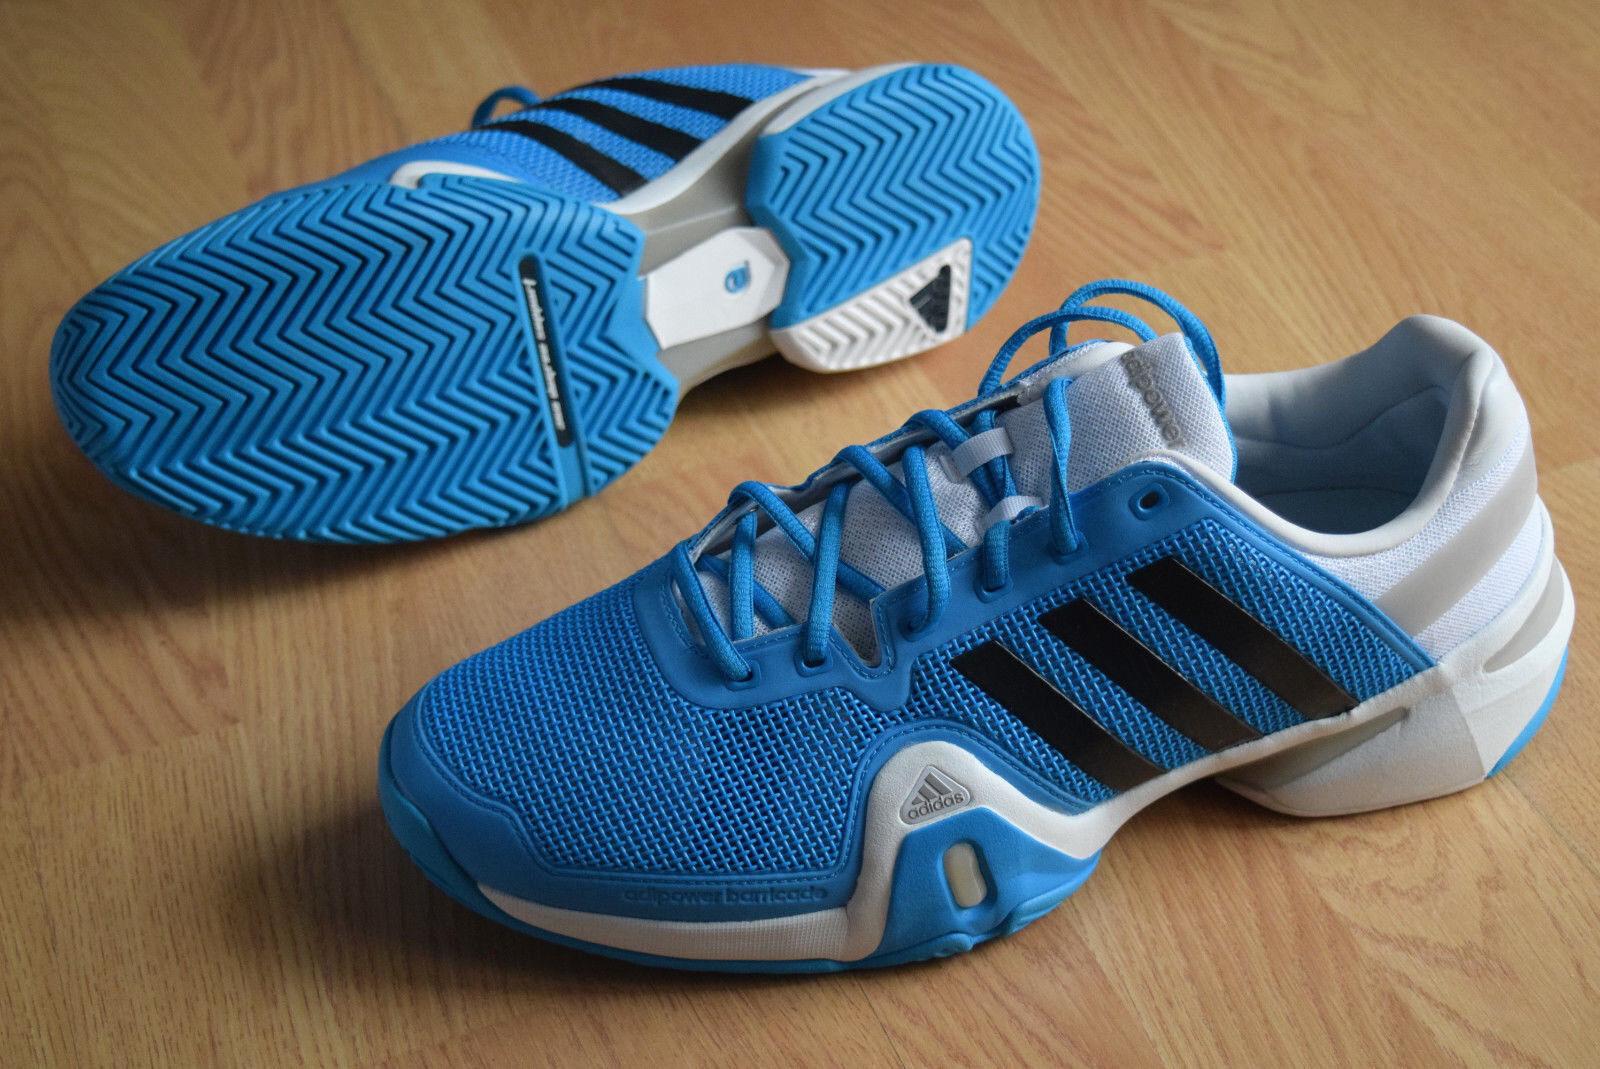 Adidas Barricade Adipower 8 Clay 48 49 tenis f32332 2018 tenis zapatillas de tenis 2018 e6a12d